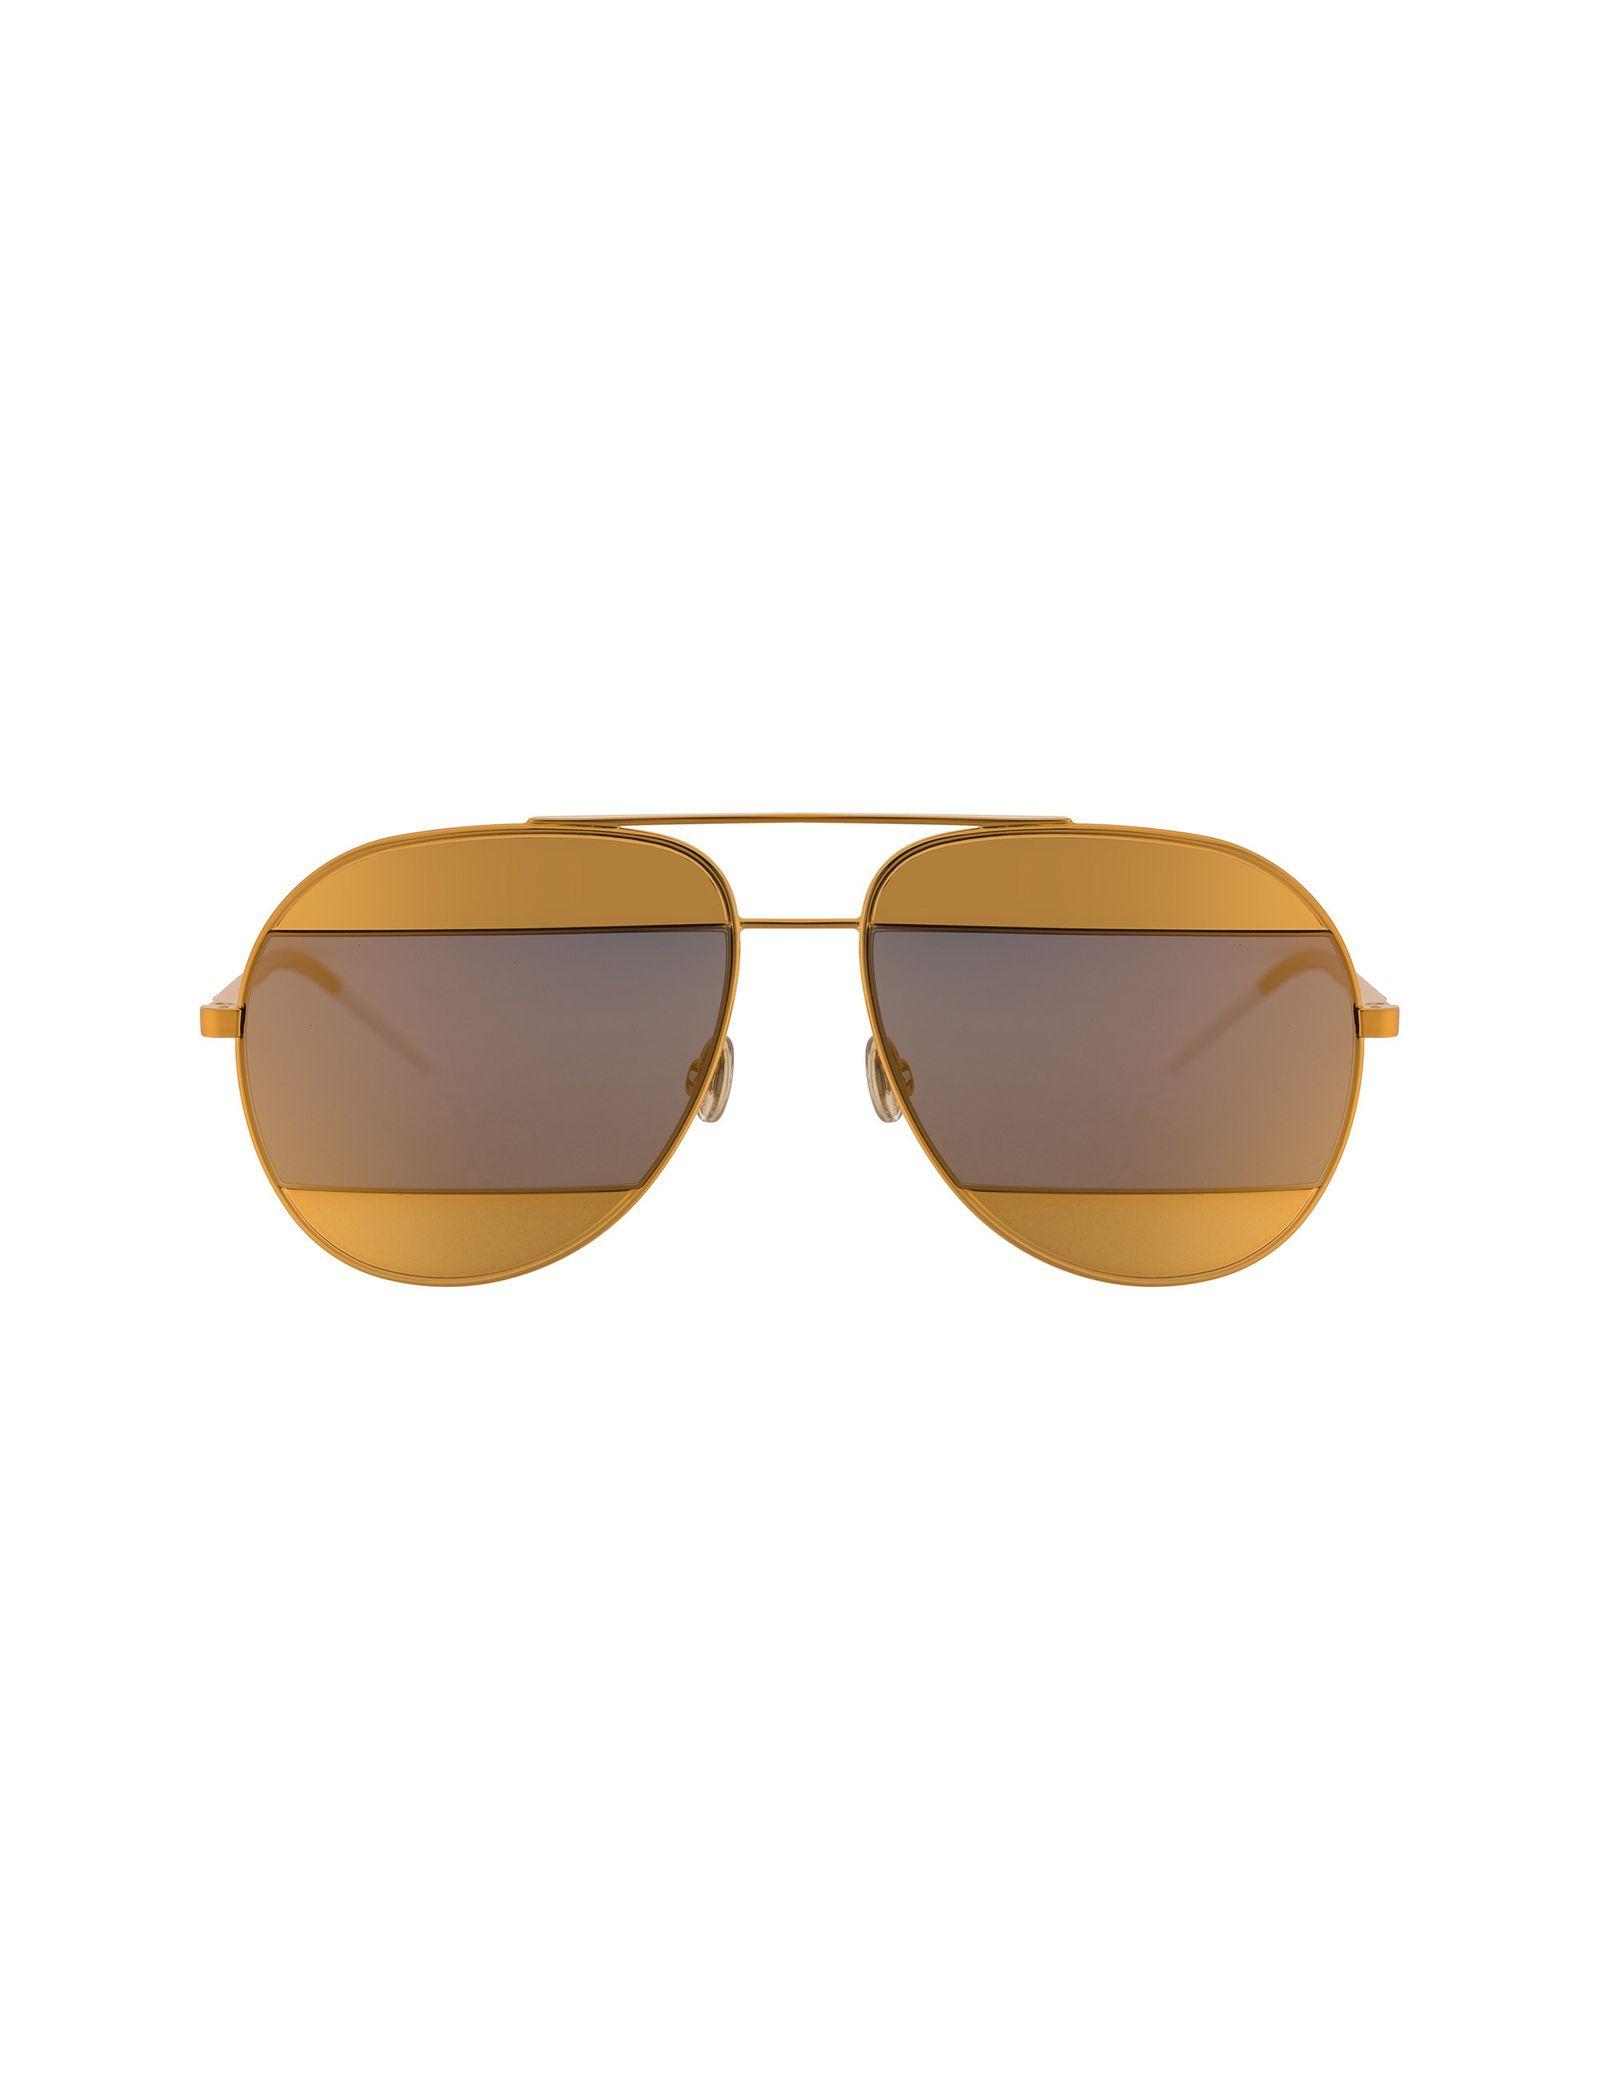 عینک آفتابی خلبانی زنانه - دیور - طلايي  - 1